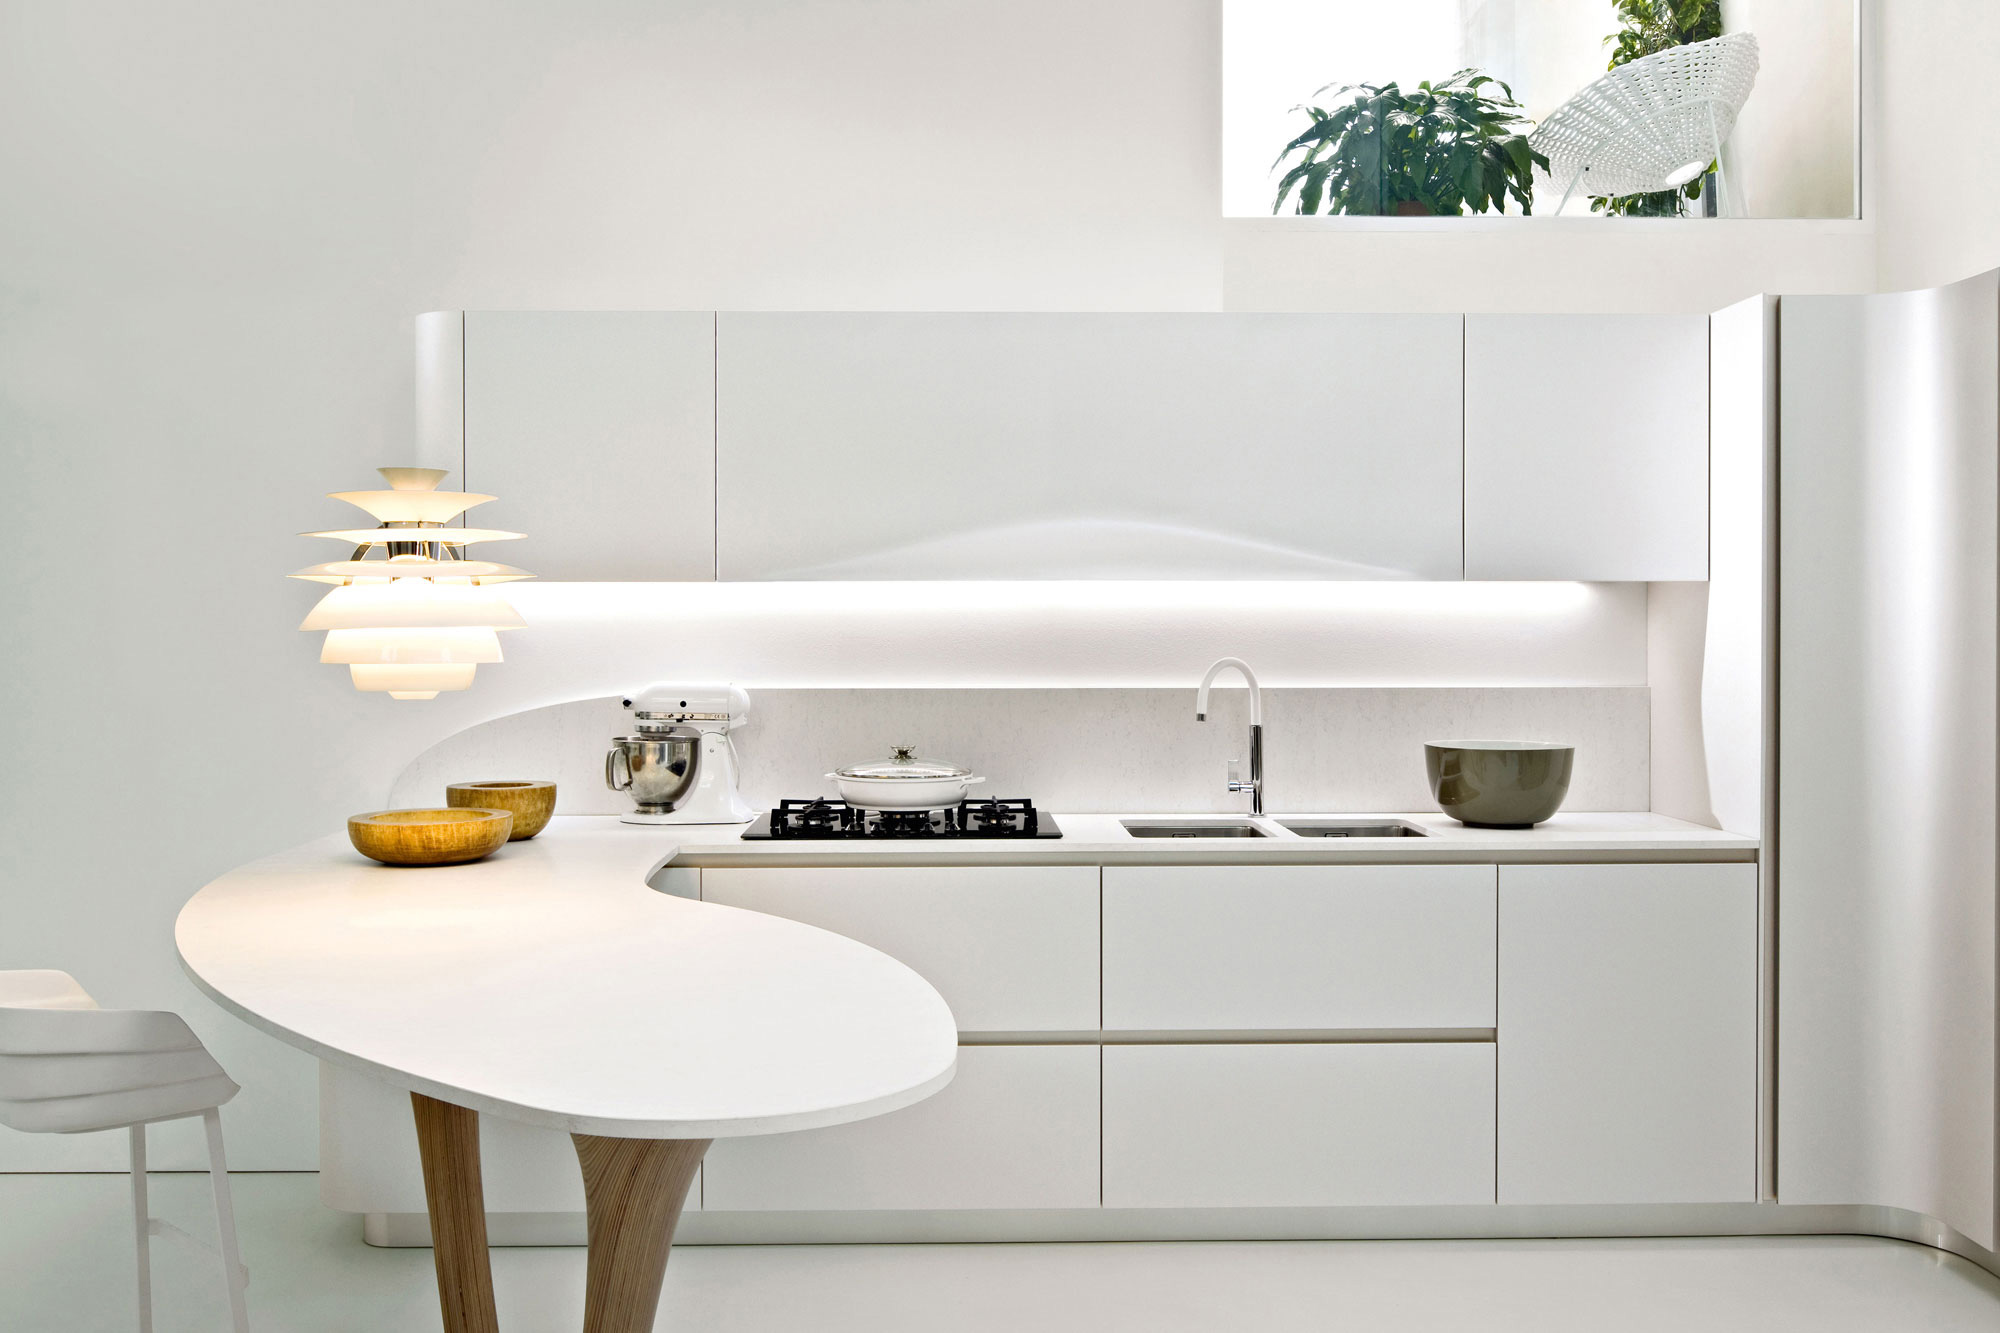 Emejing Cucine Snaidero Listino Prezzi Pictures - Ideas & Design ...